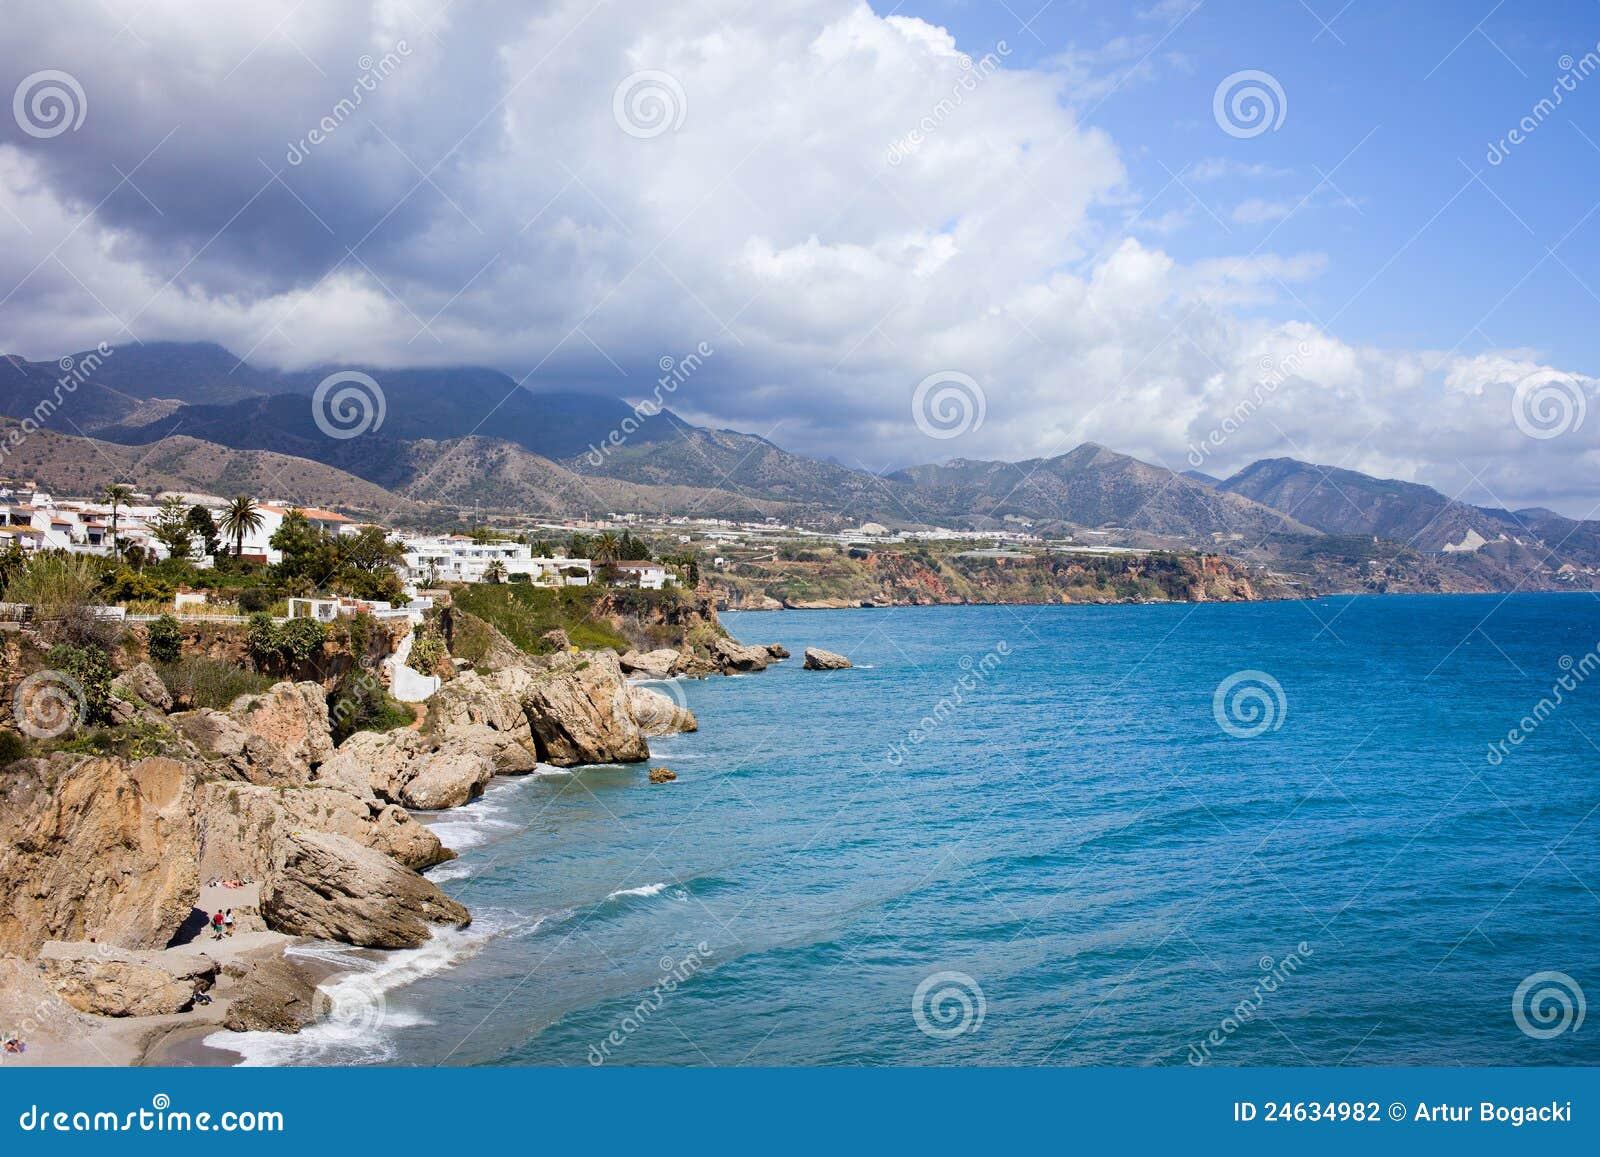 Недвижимость на побережье коста дель соль испания